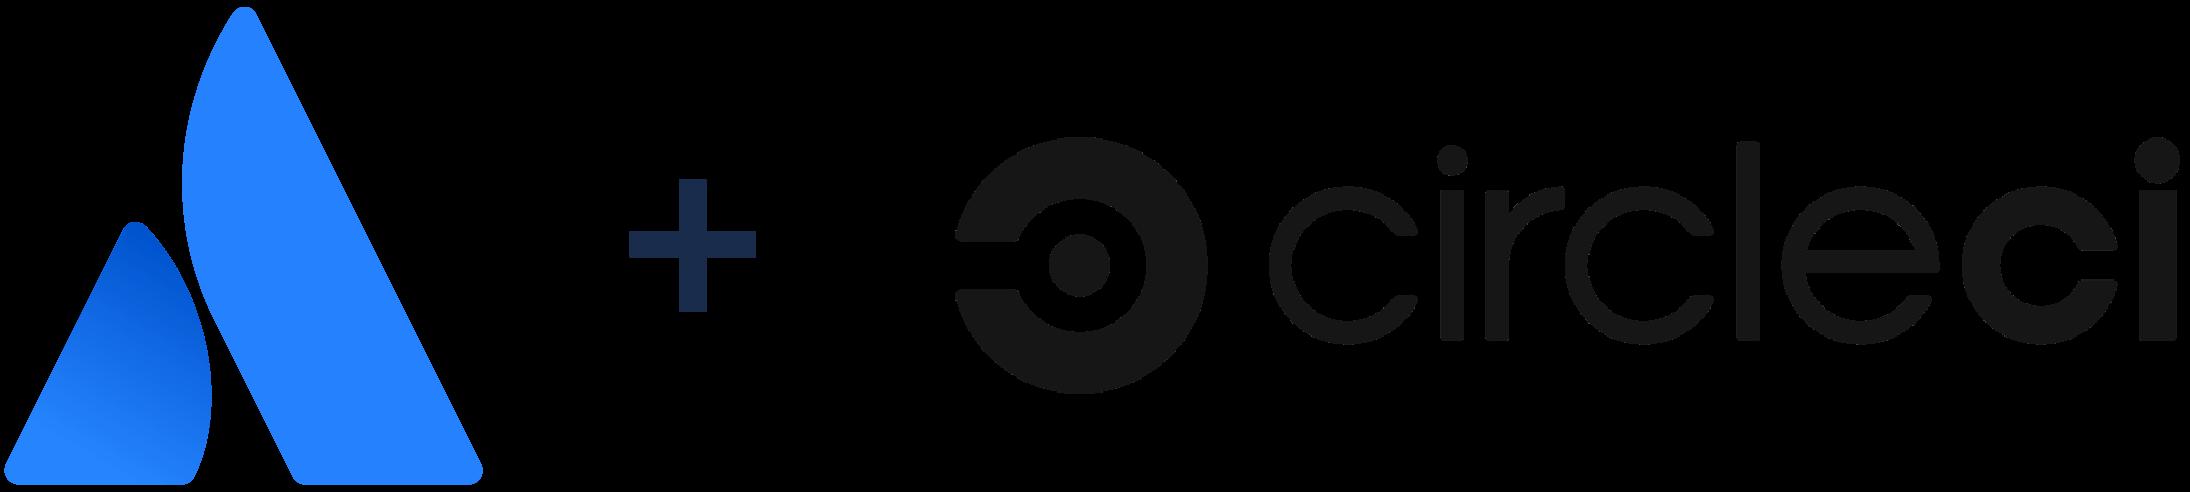 アトラシアンのロゴと CircleCI のロゴ